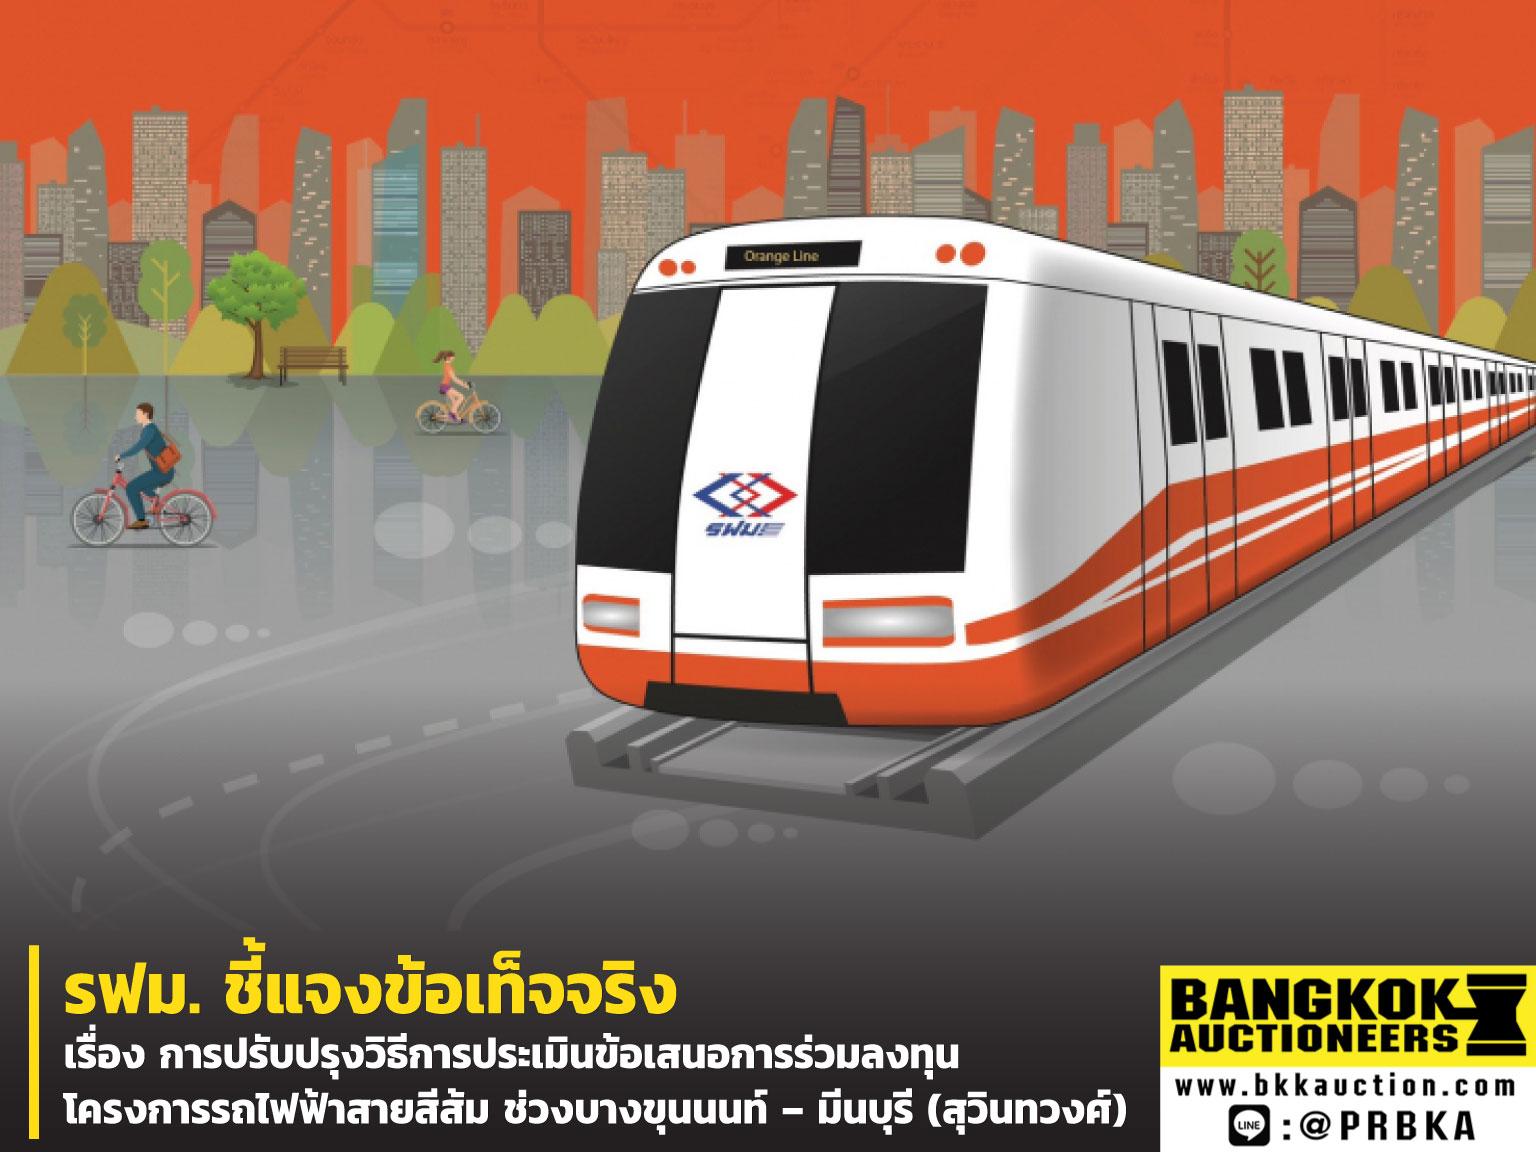 โครงการรถไฟฟ้าสายสีส้ม ช่วงบางขุนนนท์ – มีนบุรี (สุวินทวงศ์)